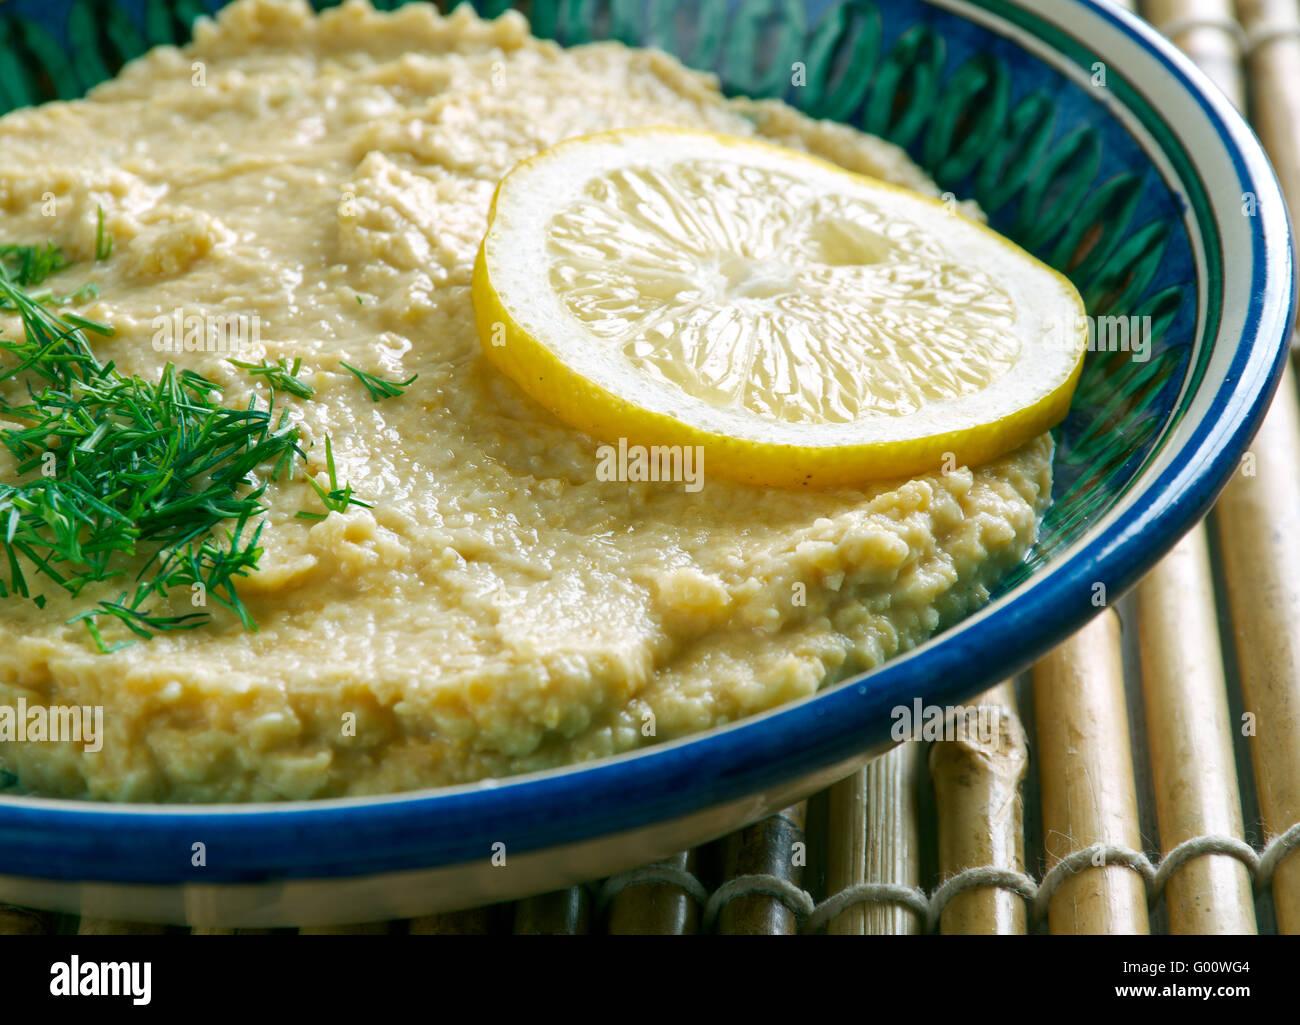 Limon Soslu Humus - Hummus with Lemon Sauce - Stock Image